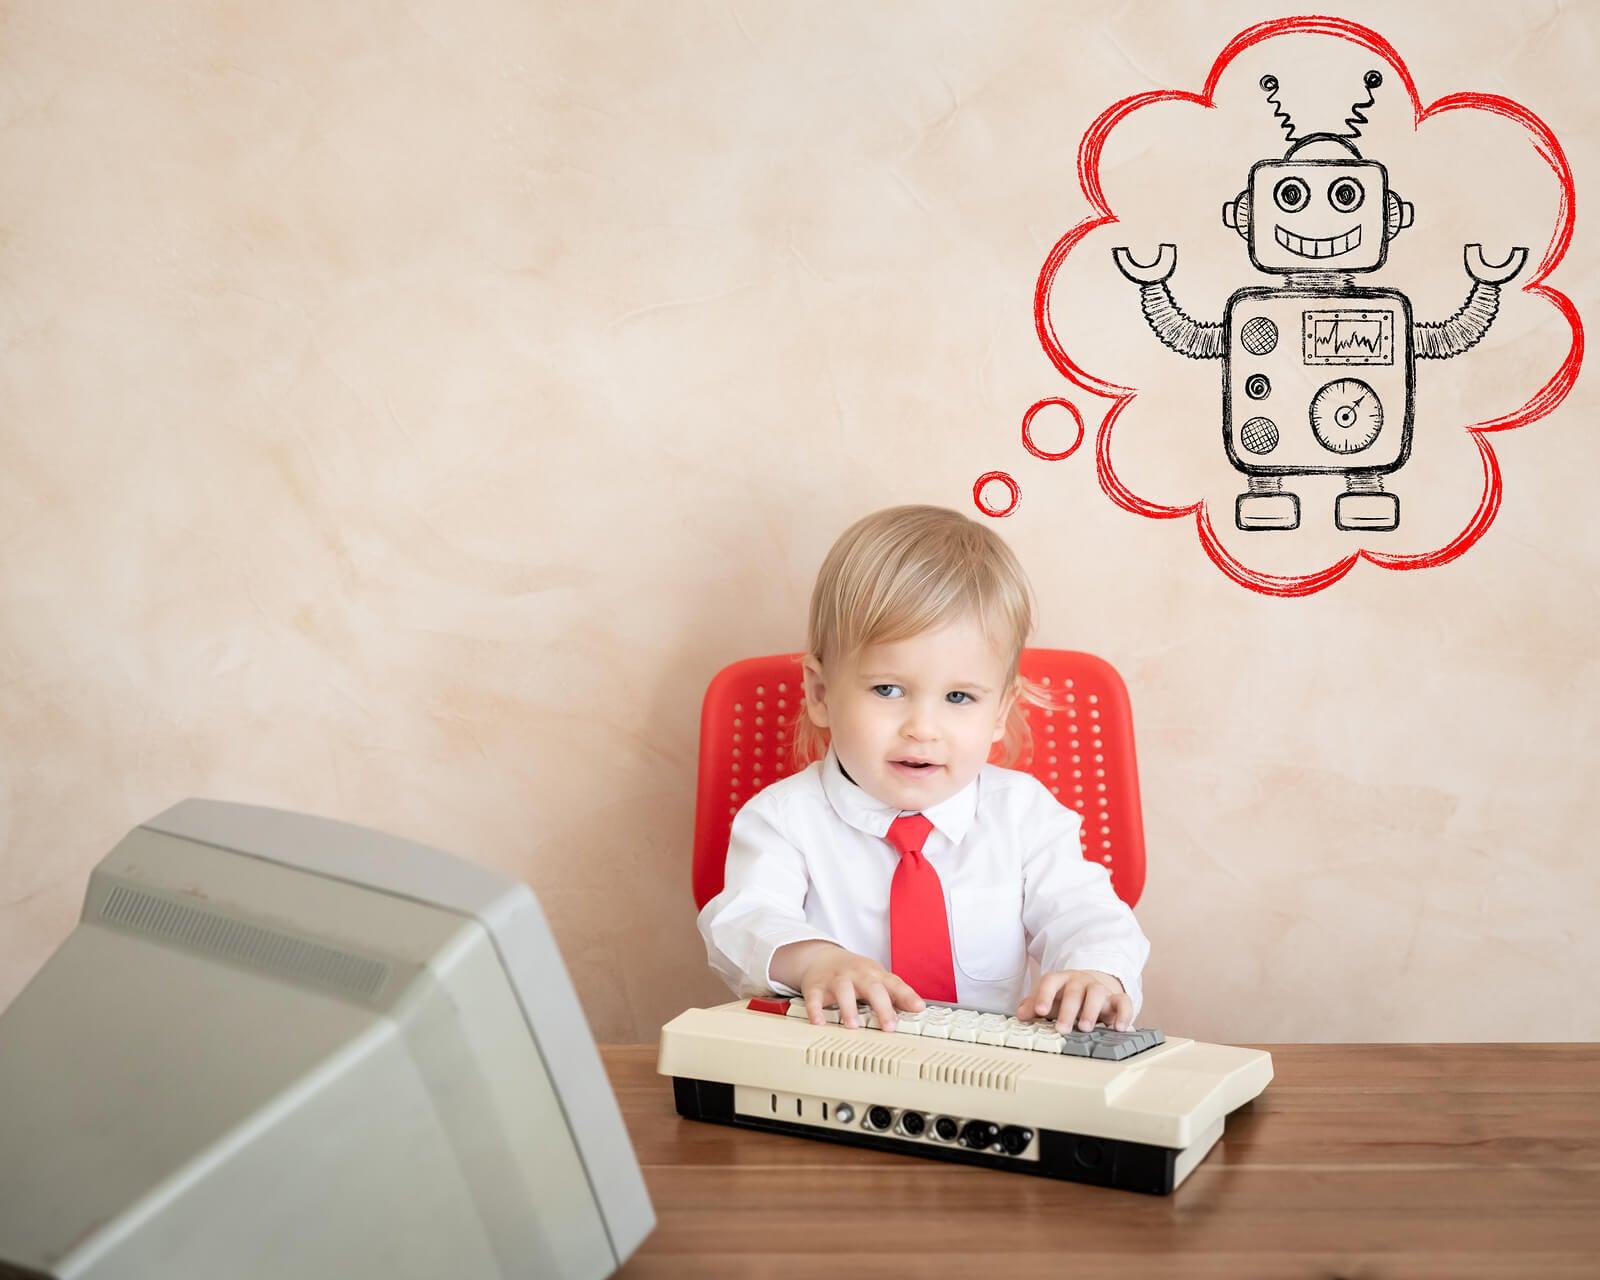 Niño con un ordenador pensando en un robot.